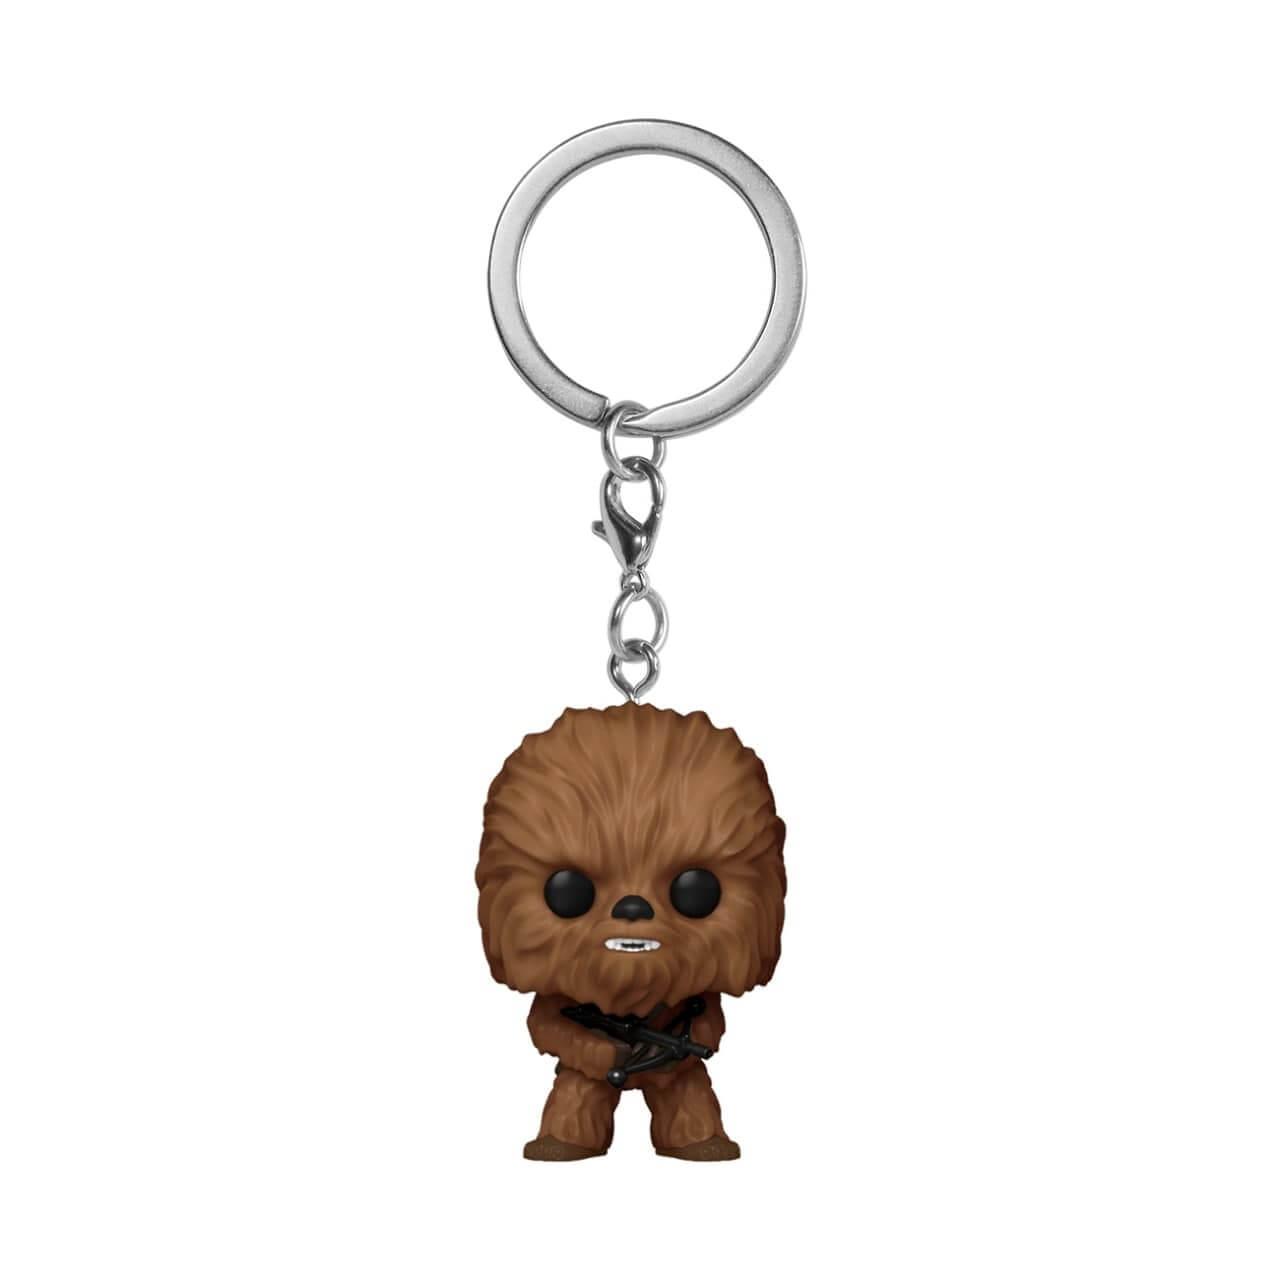 Star Wars Chewbacca Pop! Keychain